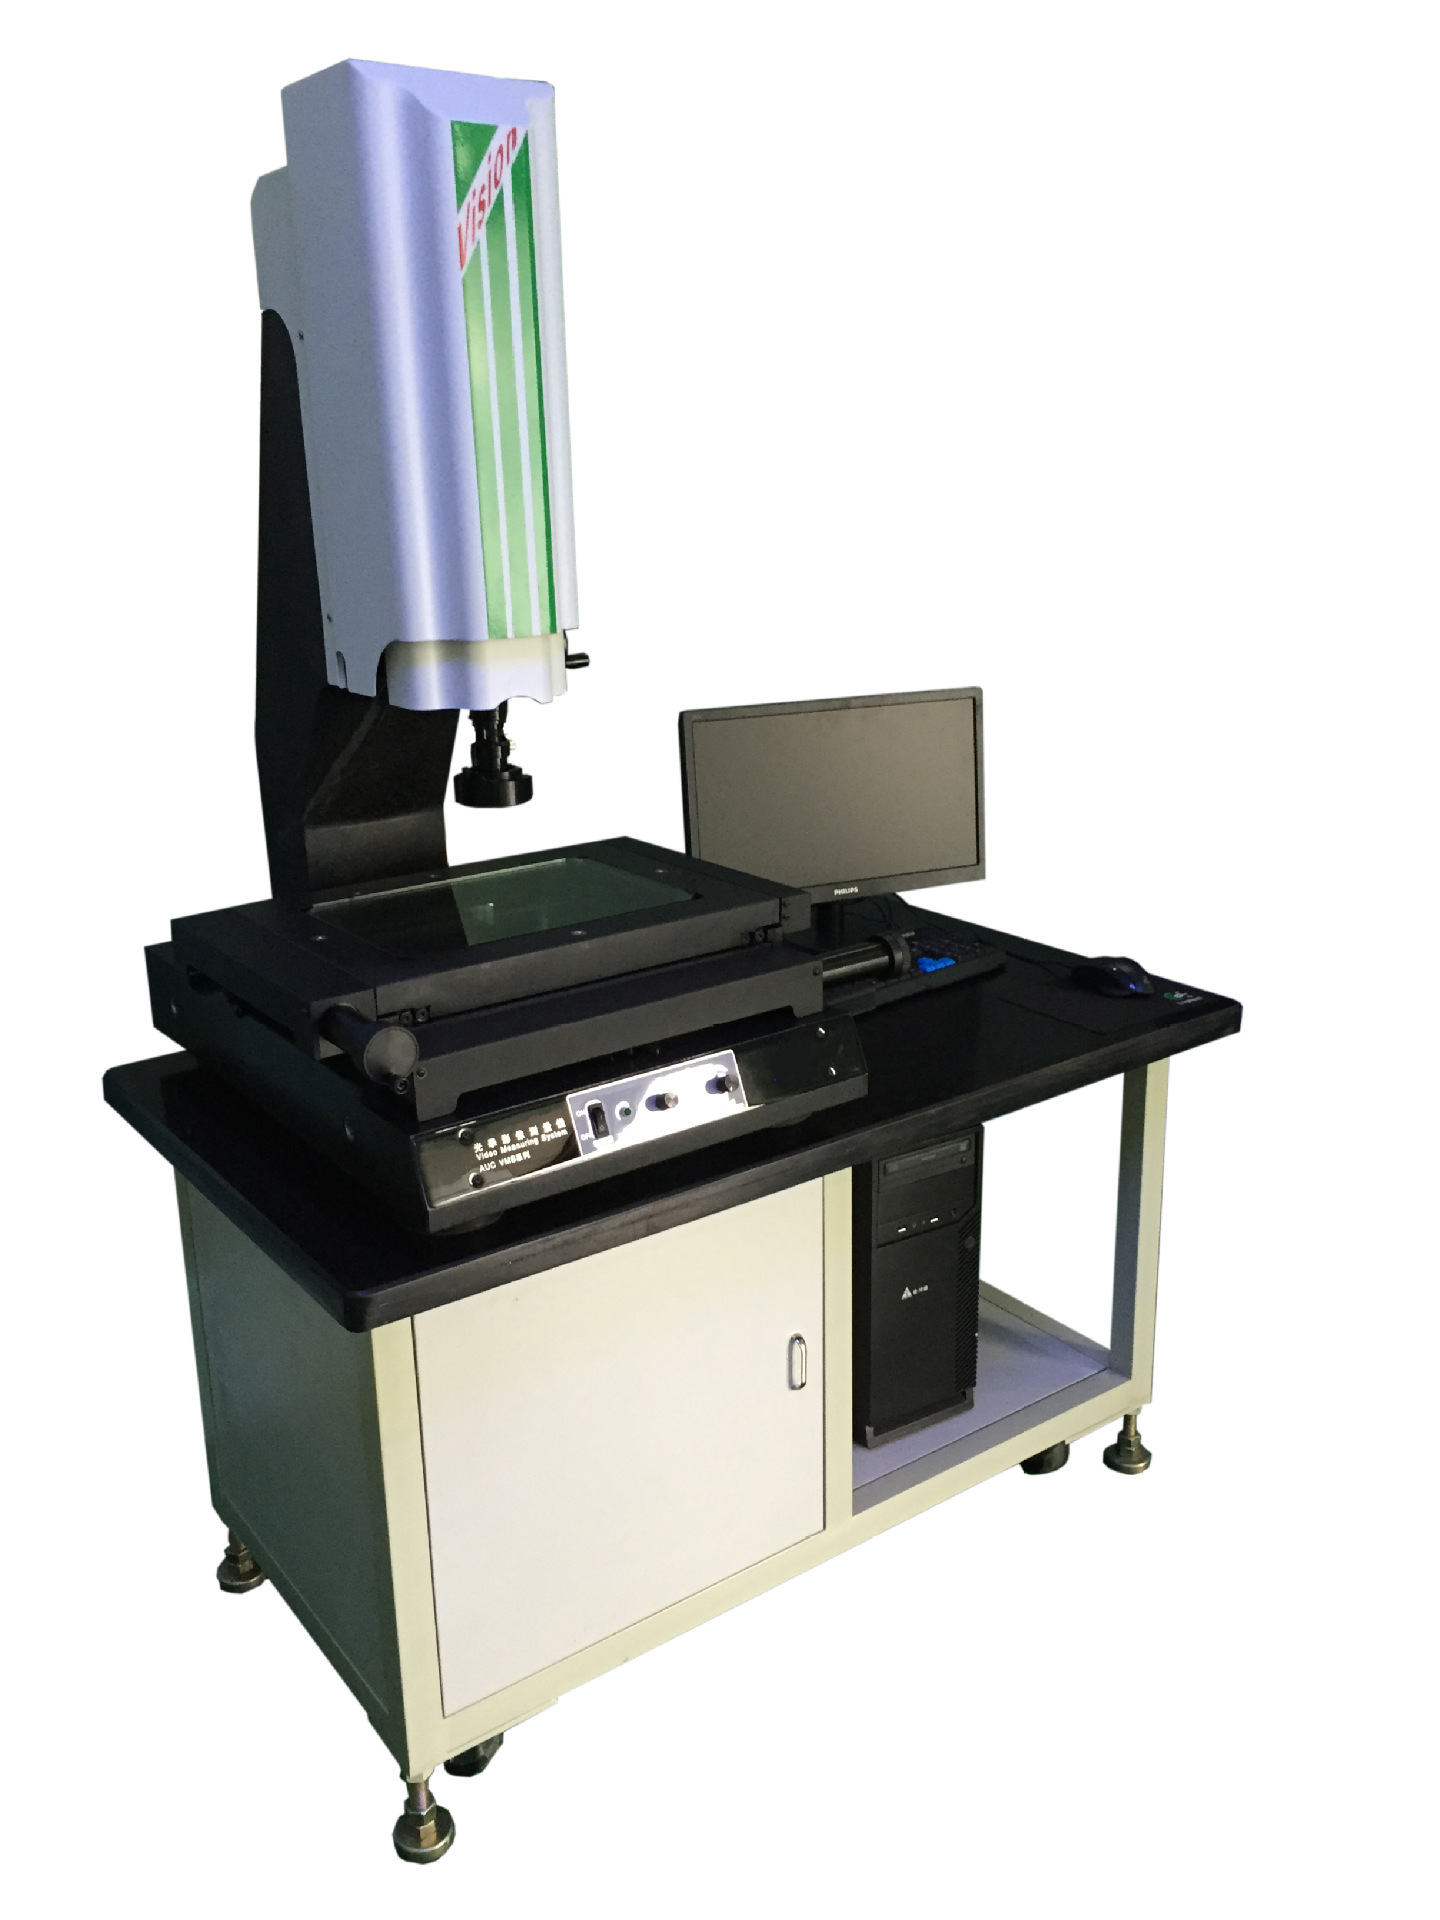 TAJN Thị trường dụng cụ Dụng cụ đo hình ảnh thứ cấp Dụng cụ đo hình ảnh Dụng cụ quang học Dụng cụ đo